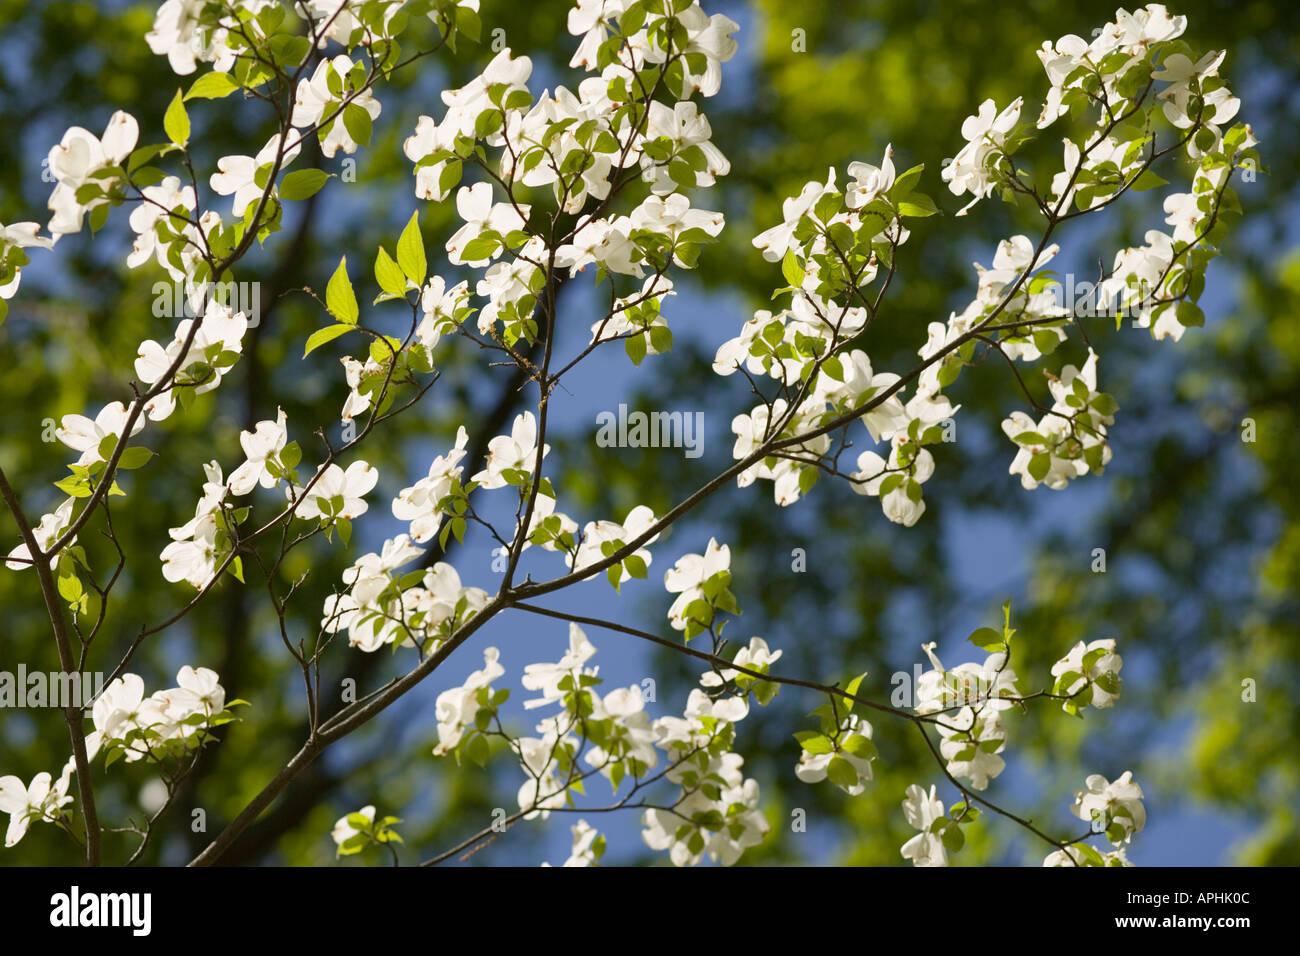 Washington dc arboretum white dogwood flowers cornus florida stock washington dc arboretum white dogwood flowers cornus florida cornaceae mightylinksfo